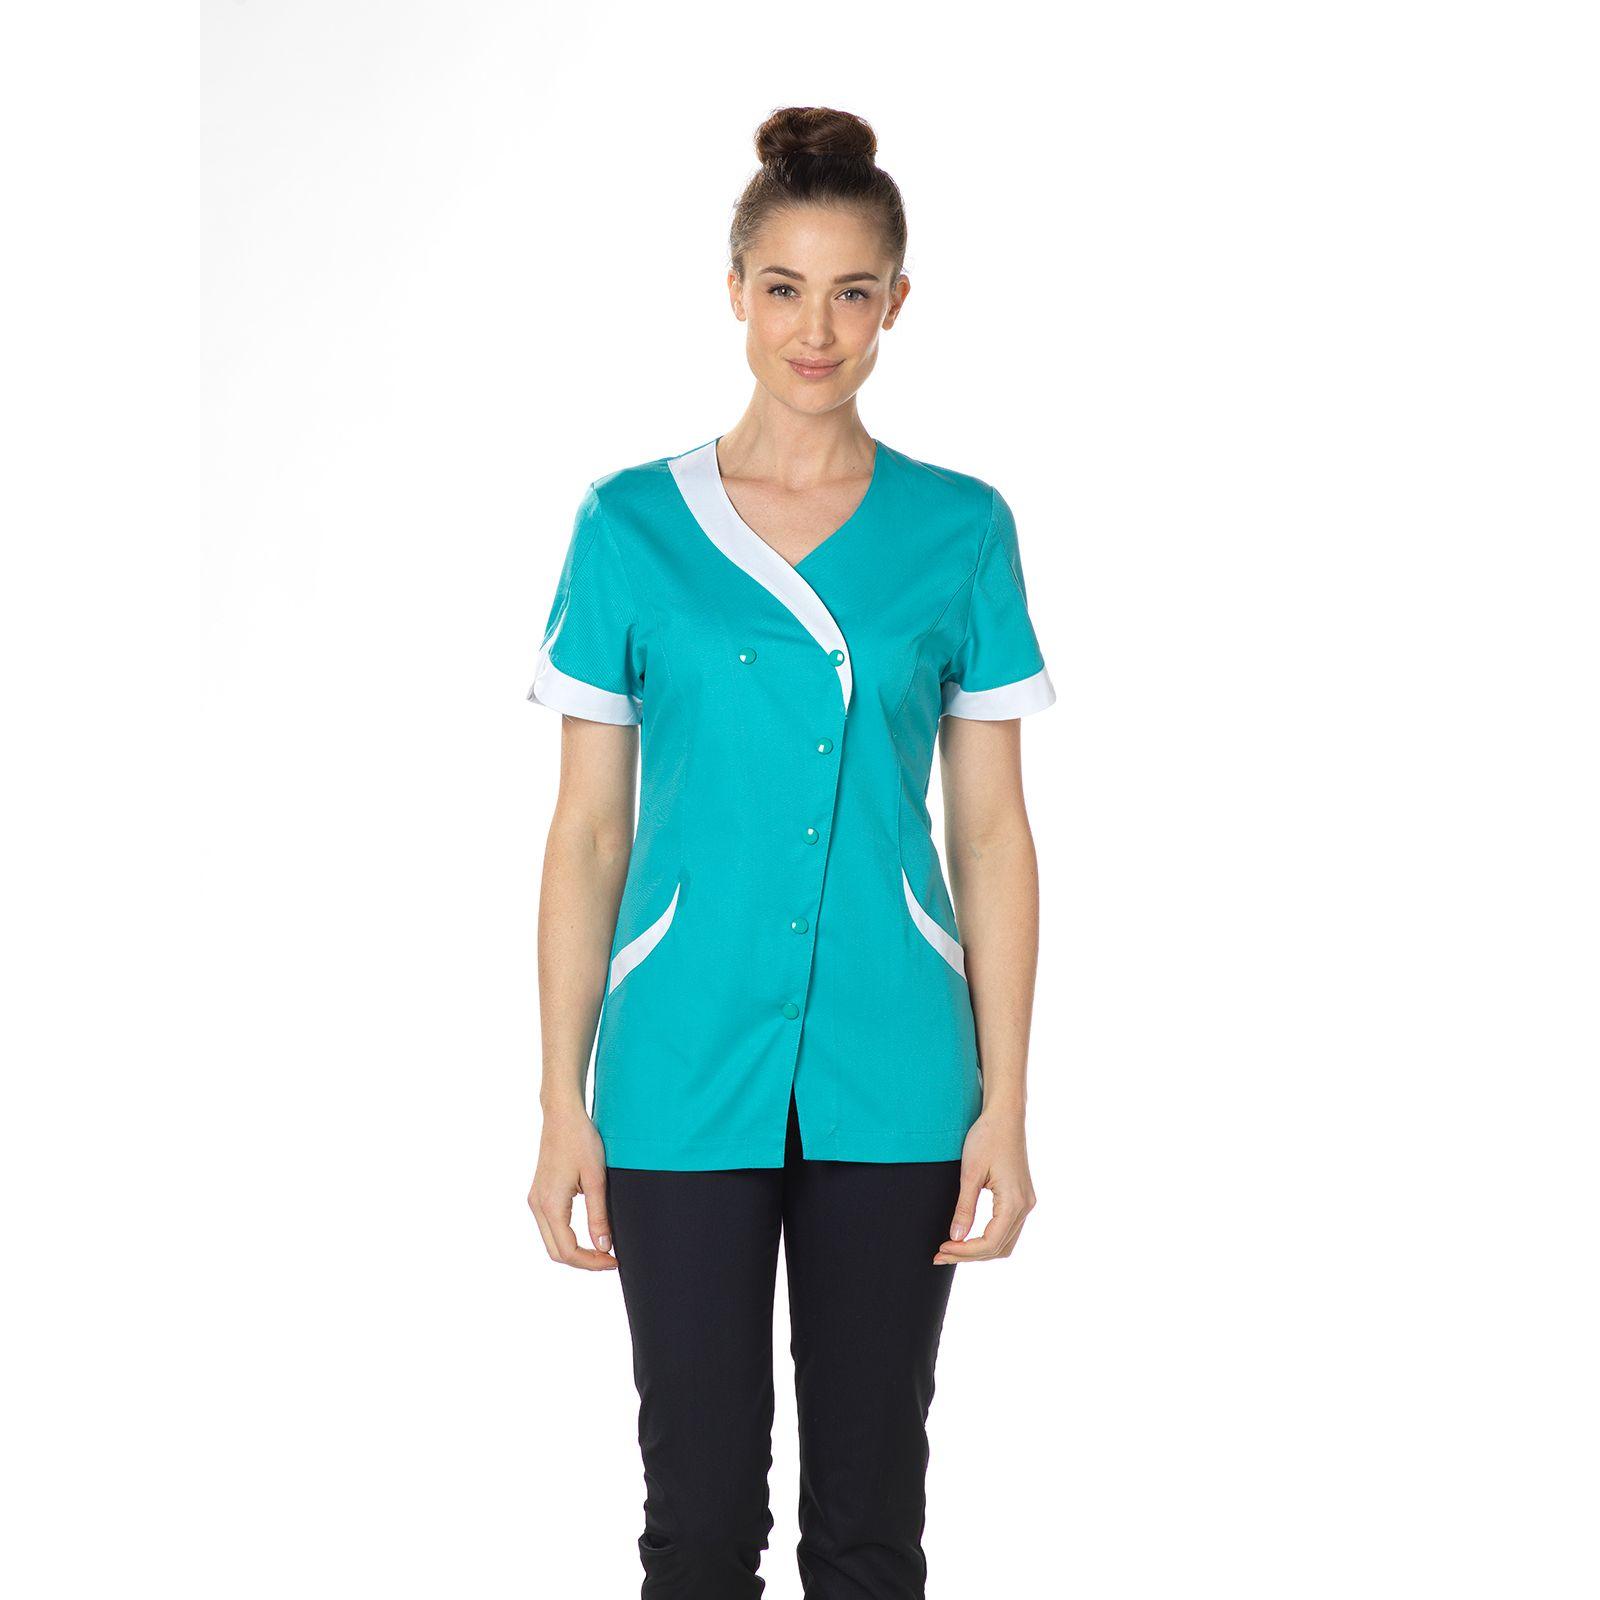 """Blouse médicale, pression, CMT, Collection """"Stretch bicolore"""" (2618)"""